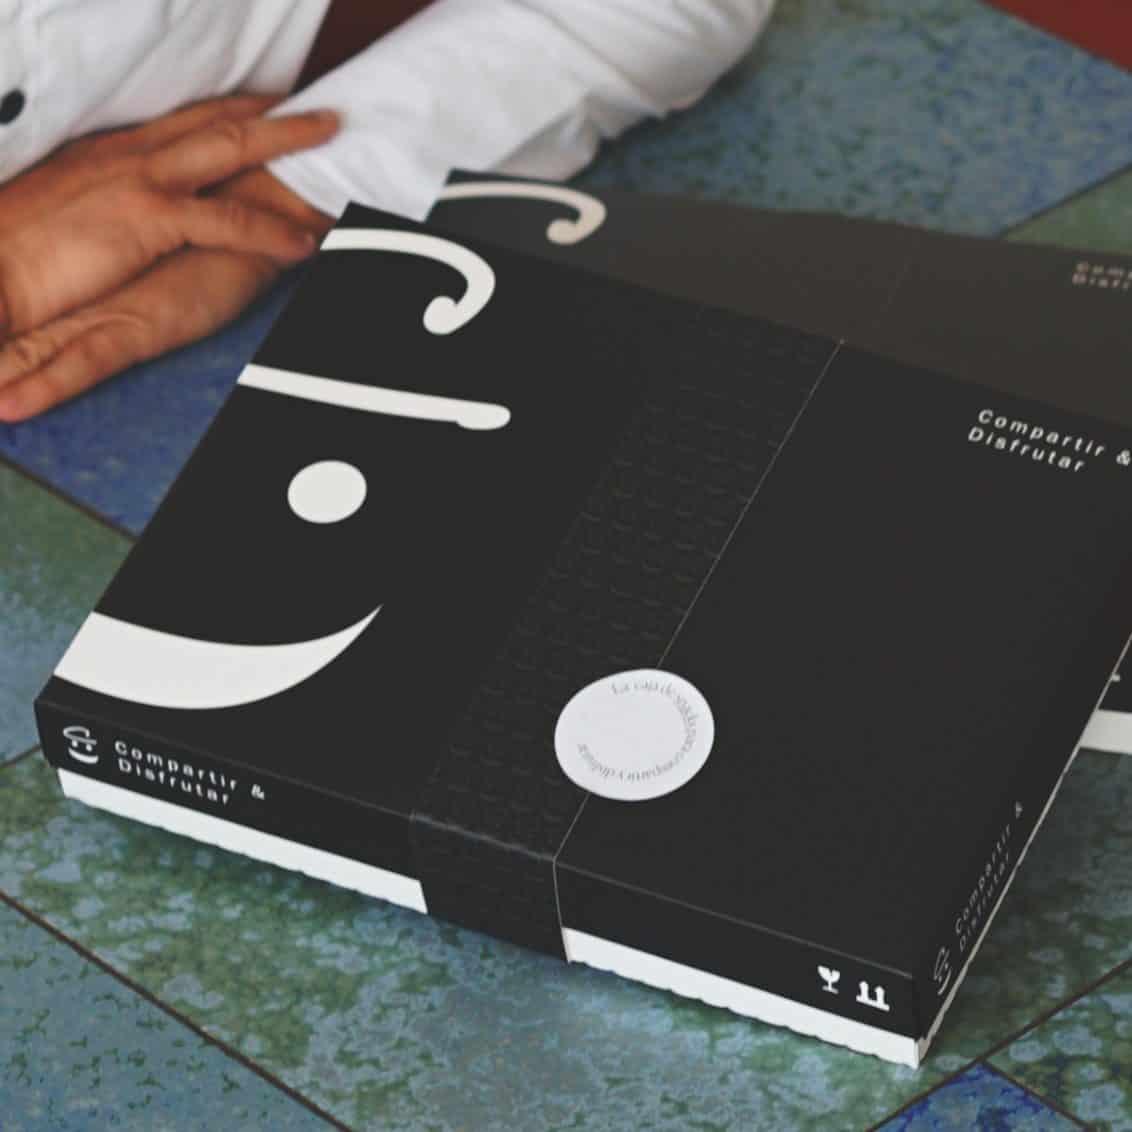 CD-at-Home-box-1132x1132